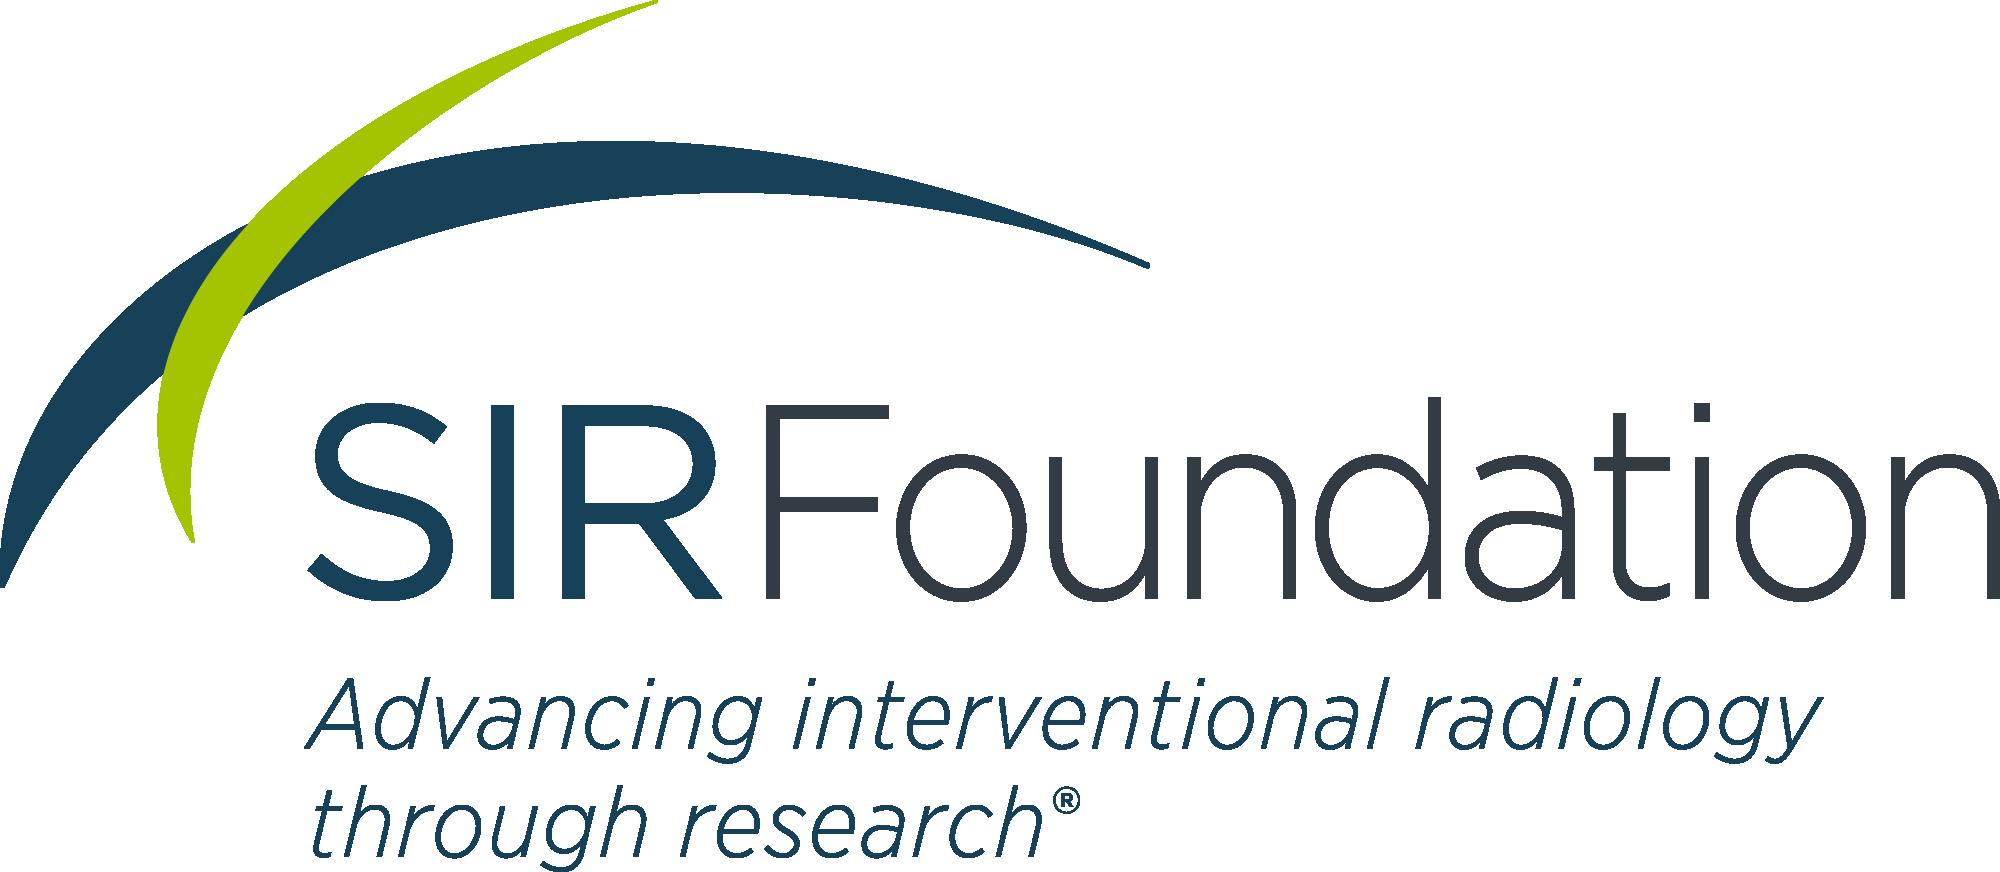 SIRF logo